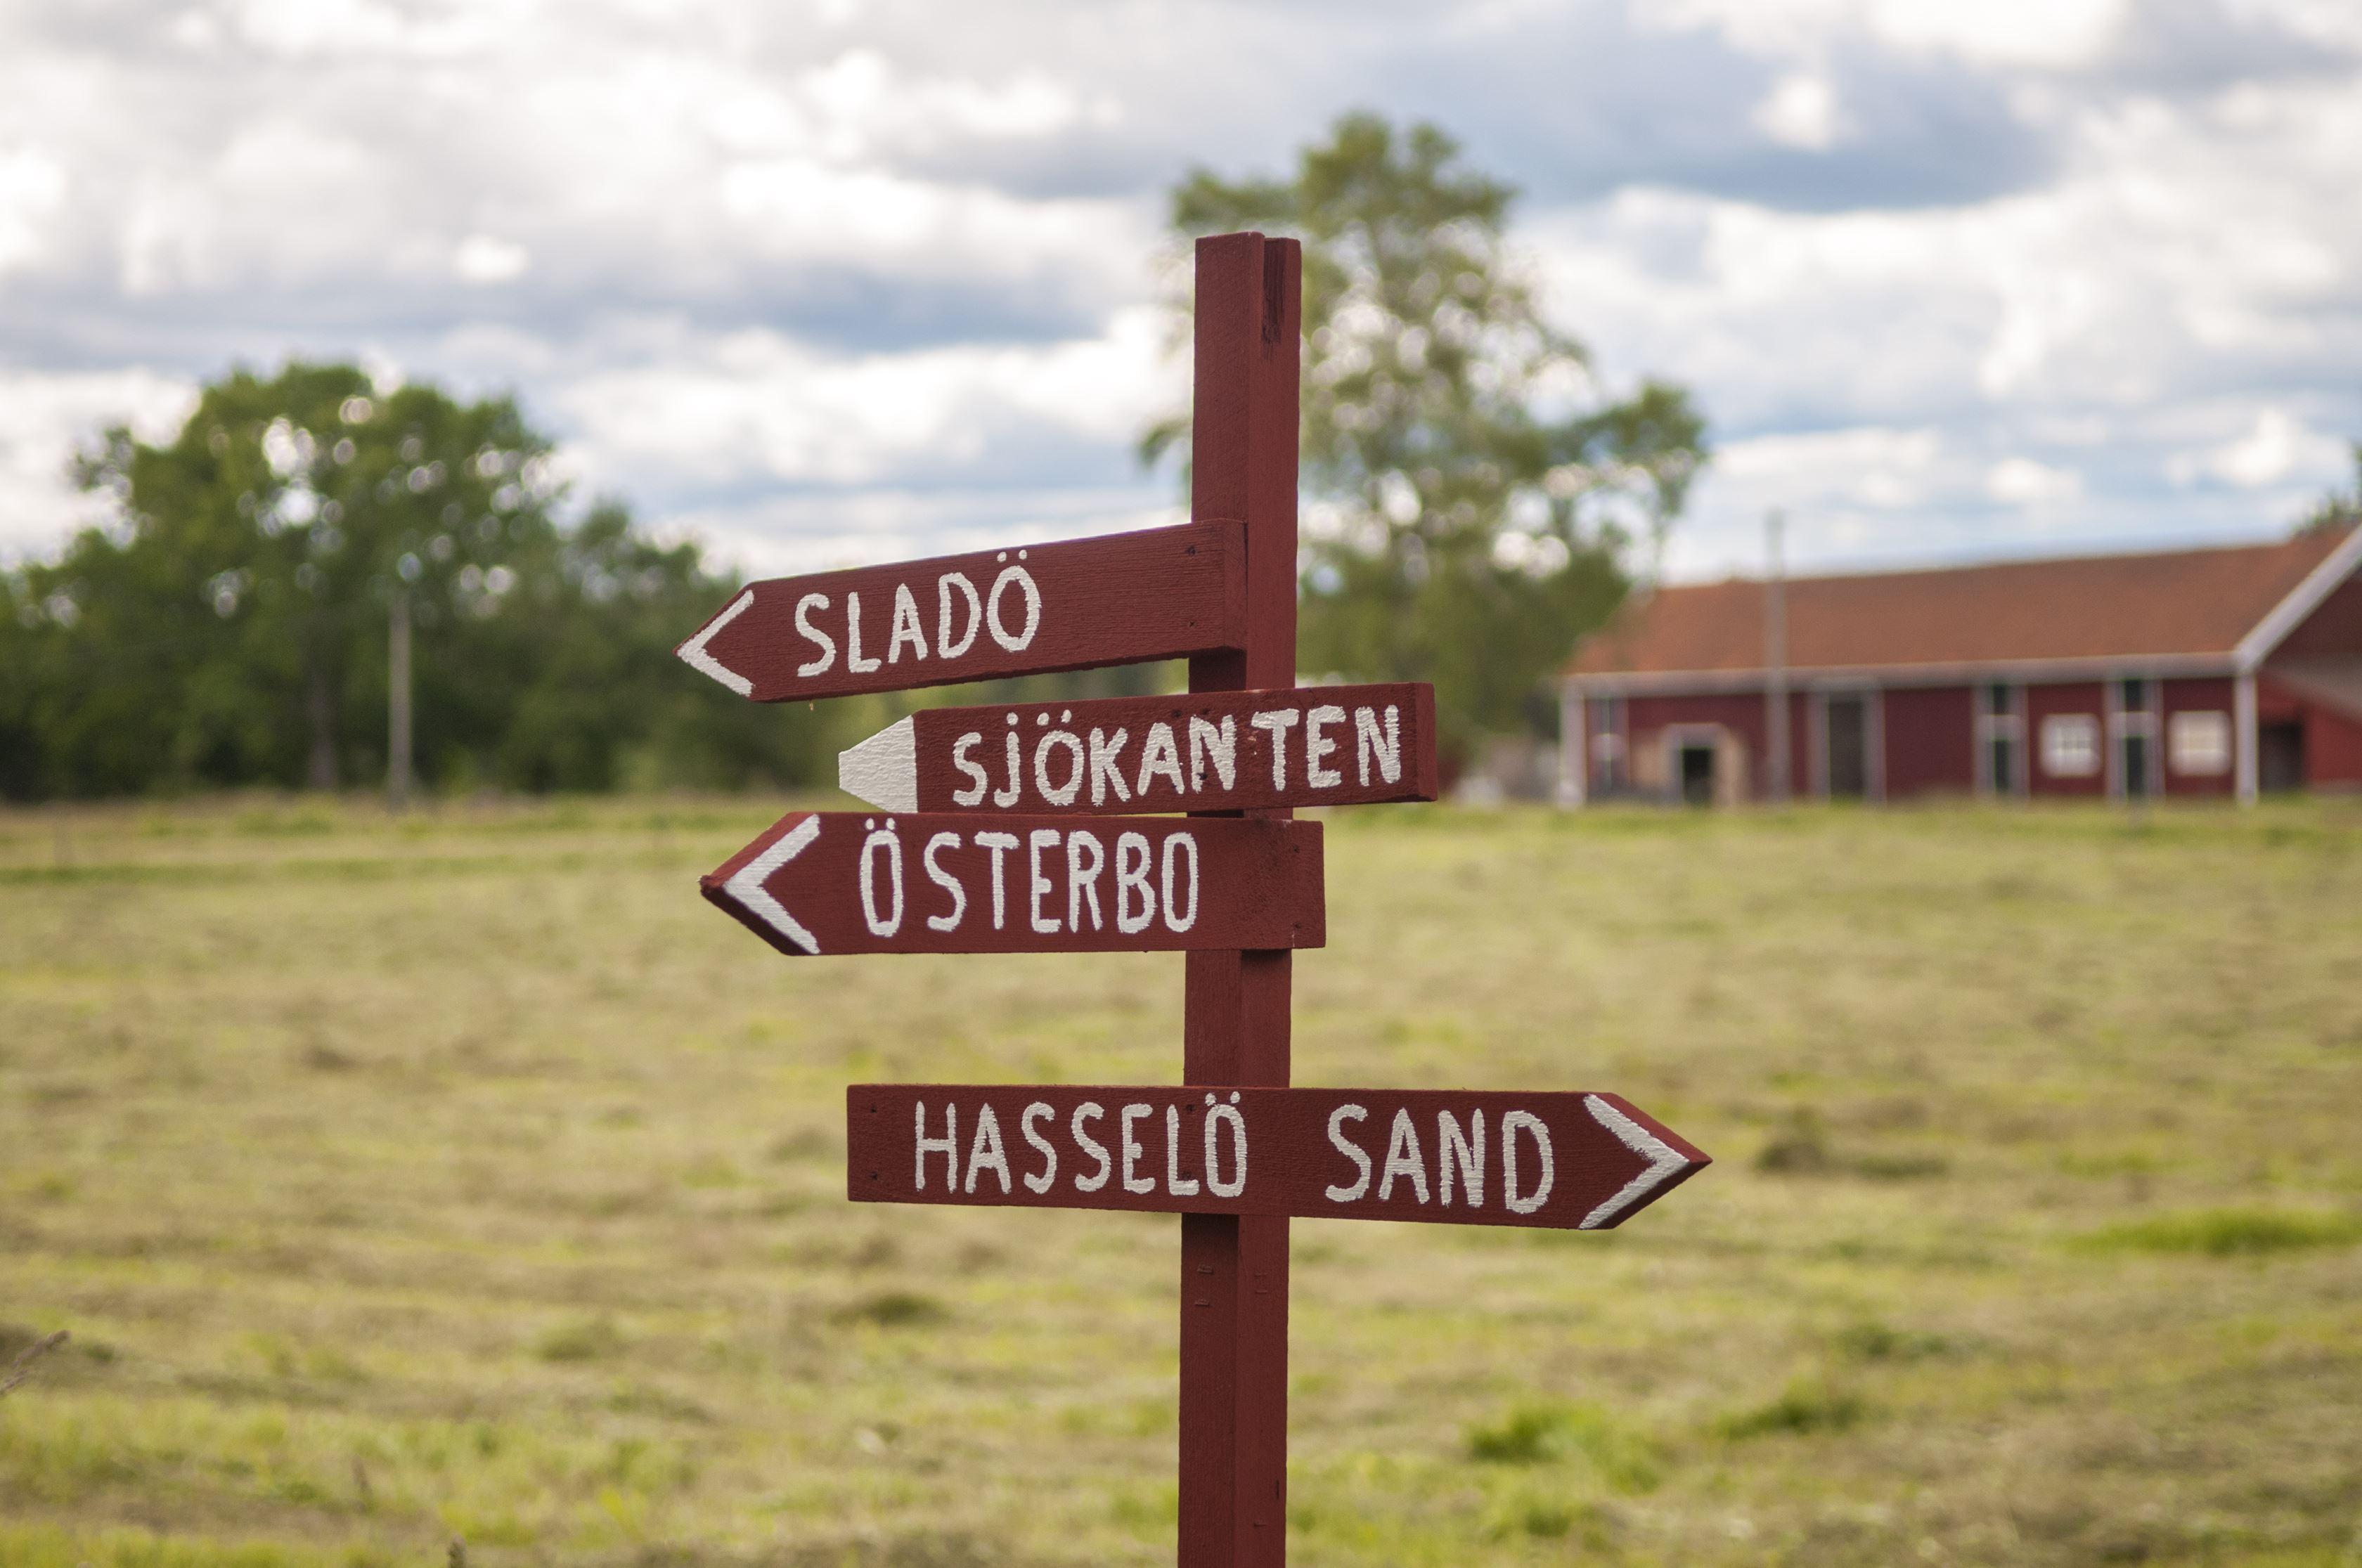 Fredagsutflykt till Hasselö (året runt)